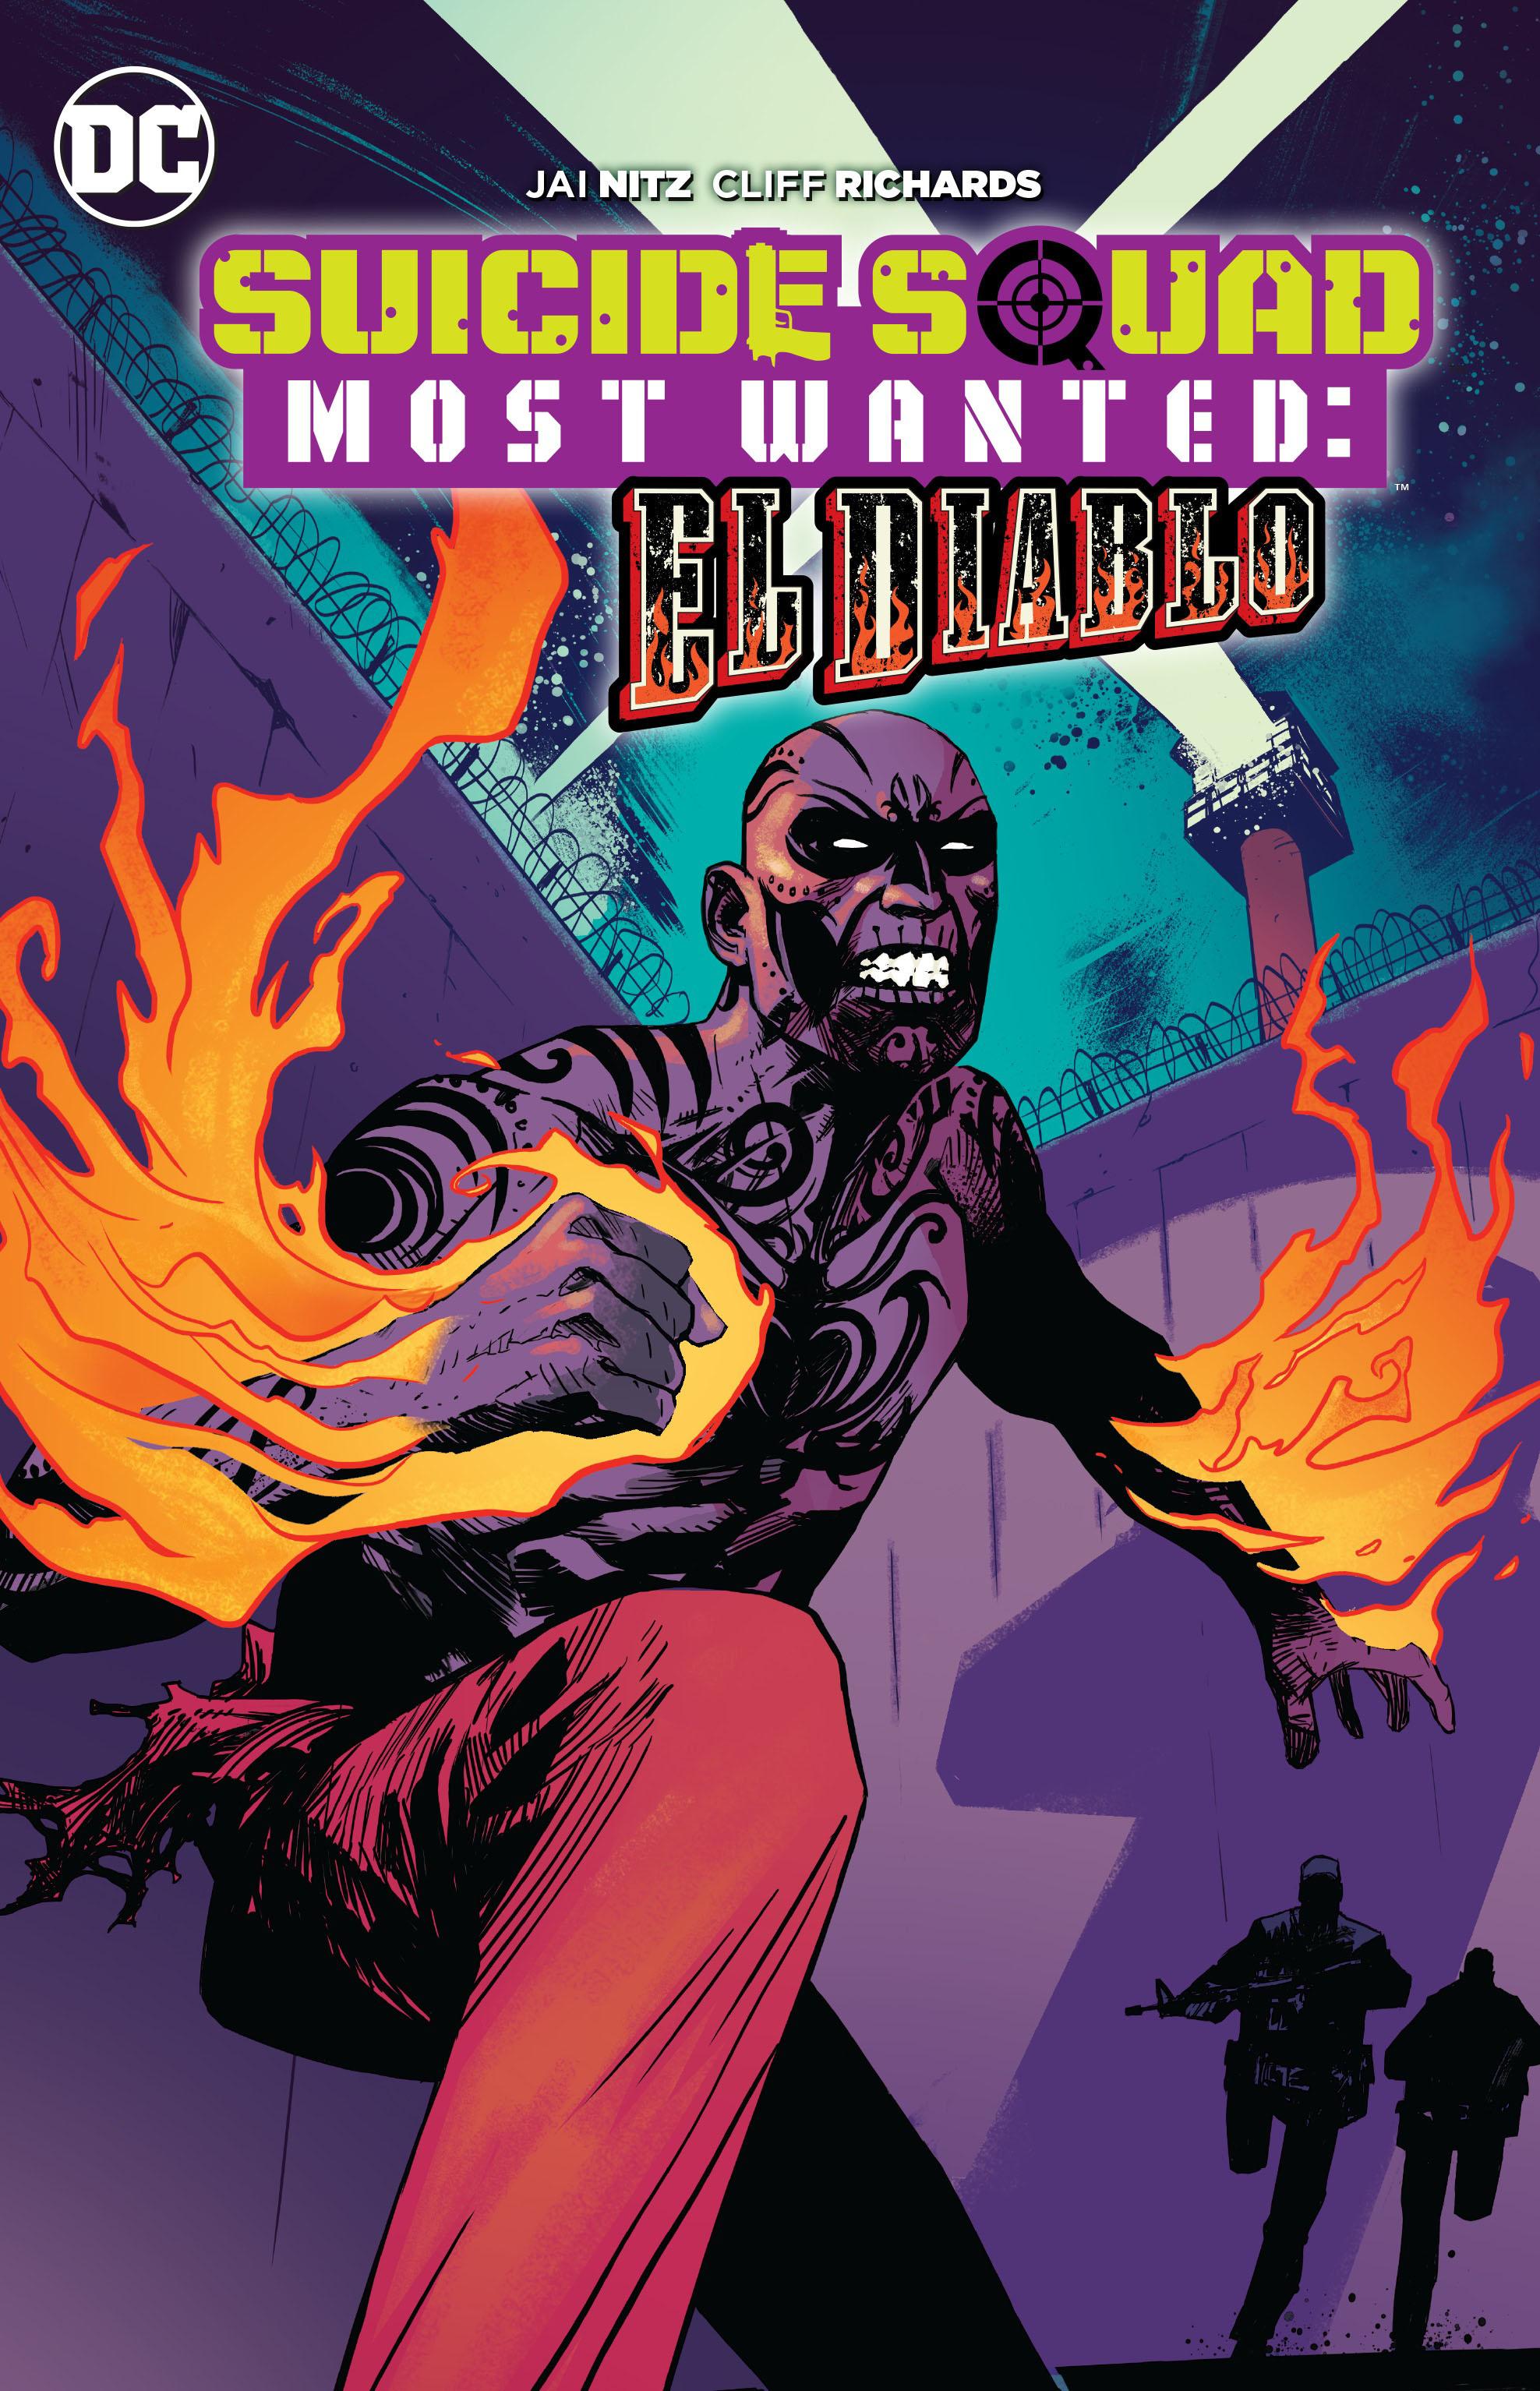 Suicide Squad Most Wanted: El Diablo the bells of el diablo